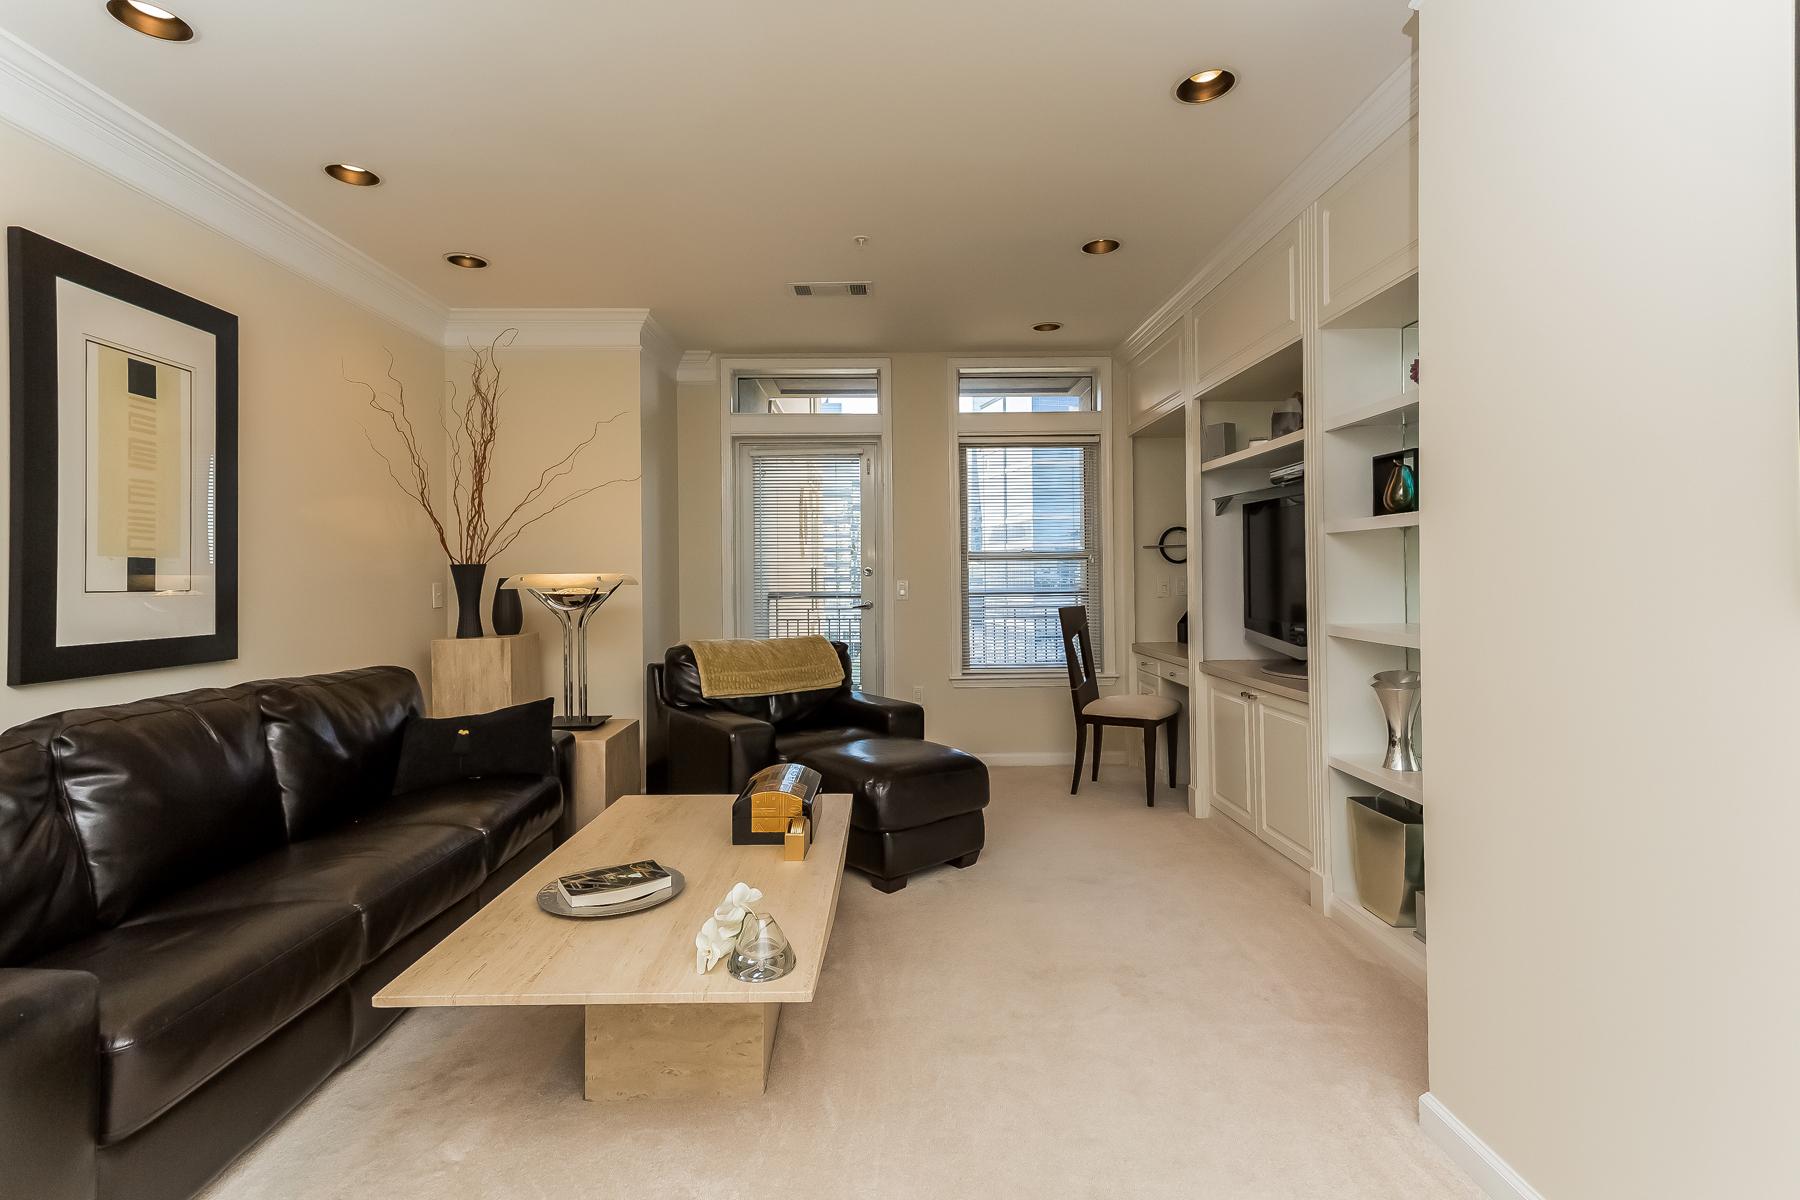 Condominium for Rent at Meridian Buckhead 3334 Peachtree Road No. 813 Atlanta, Georgia 30326 United States